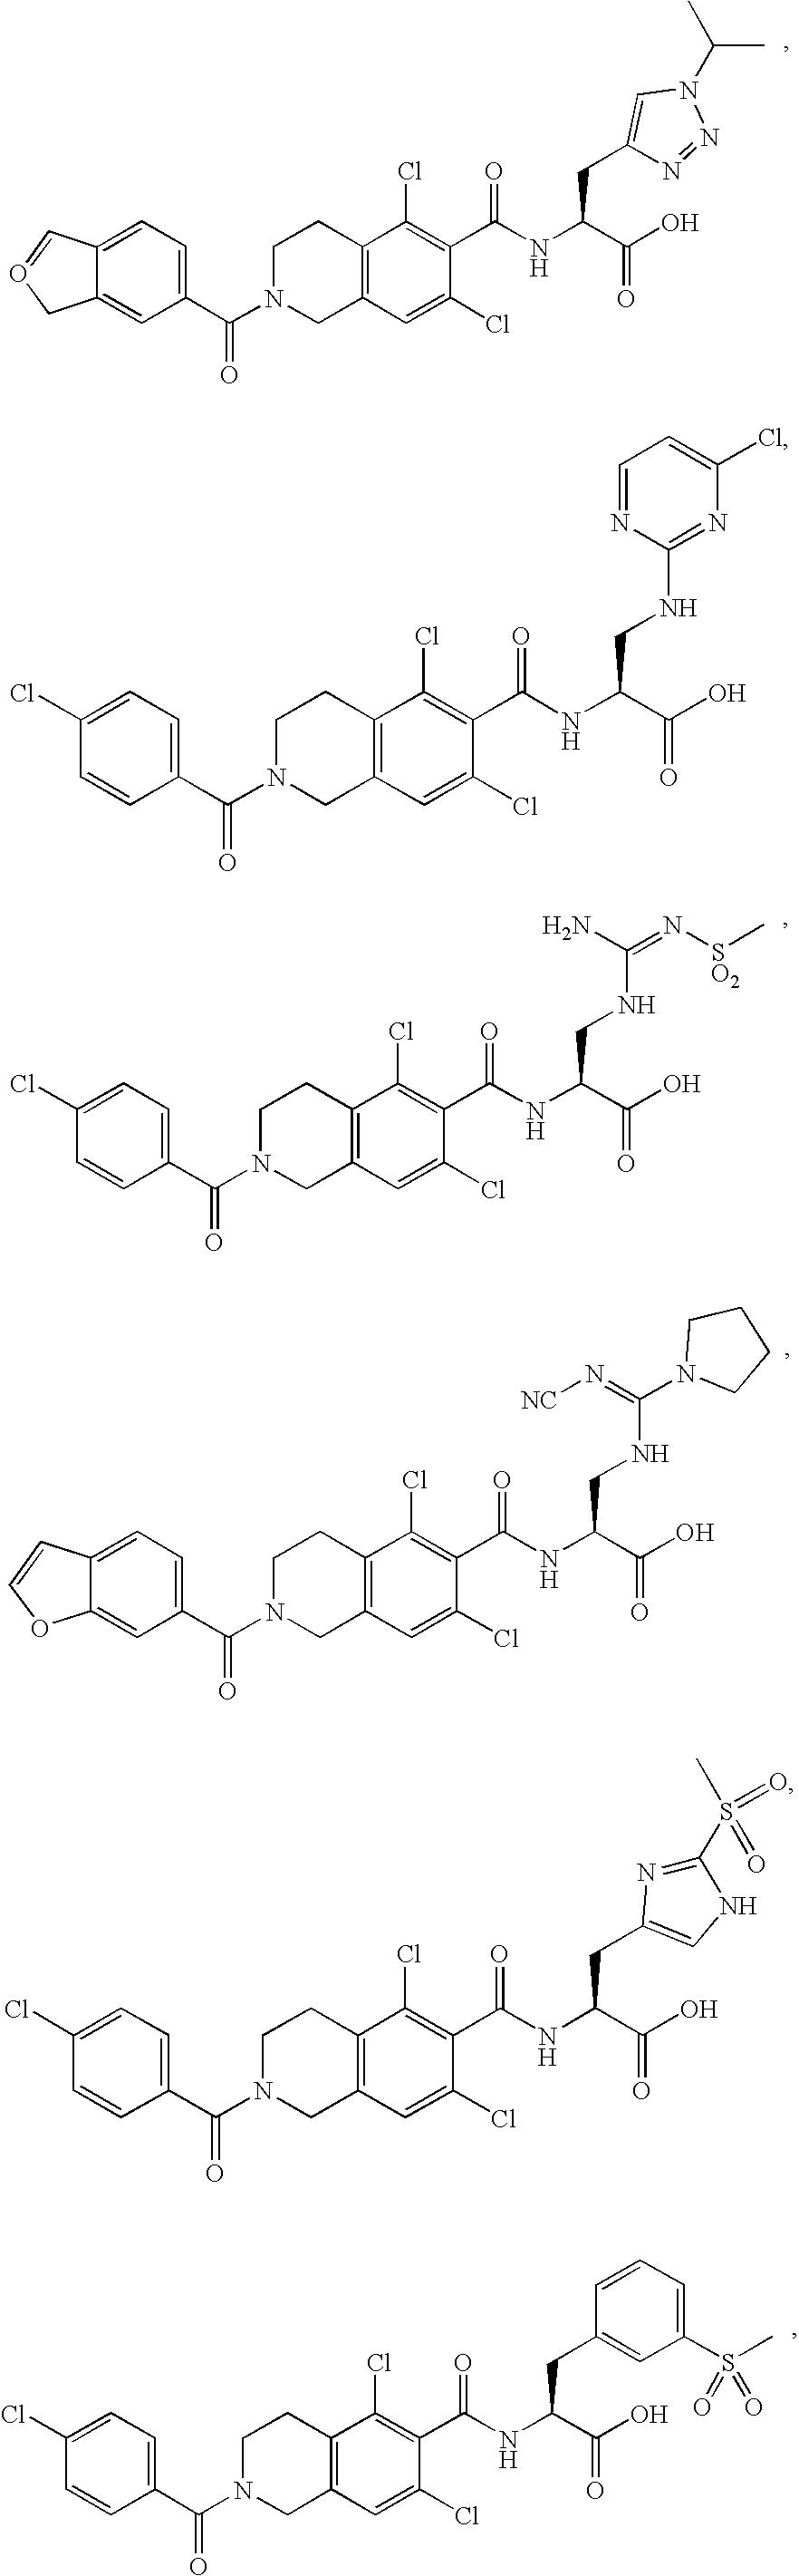 Figure US07314938-20080101-C00275